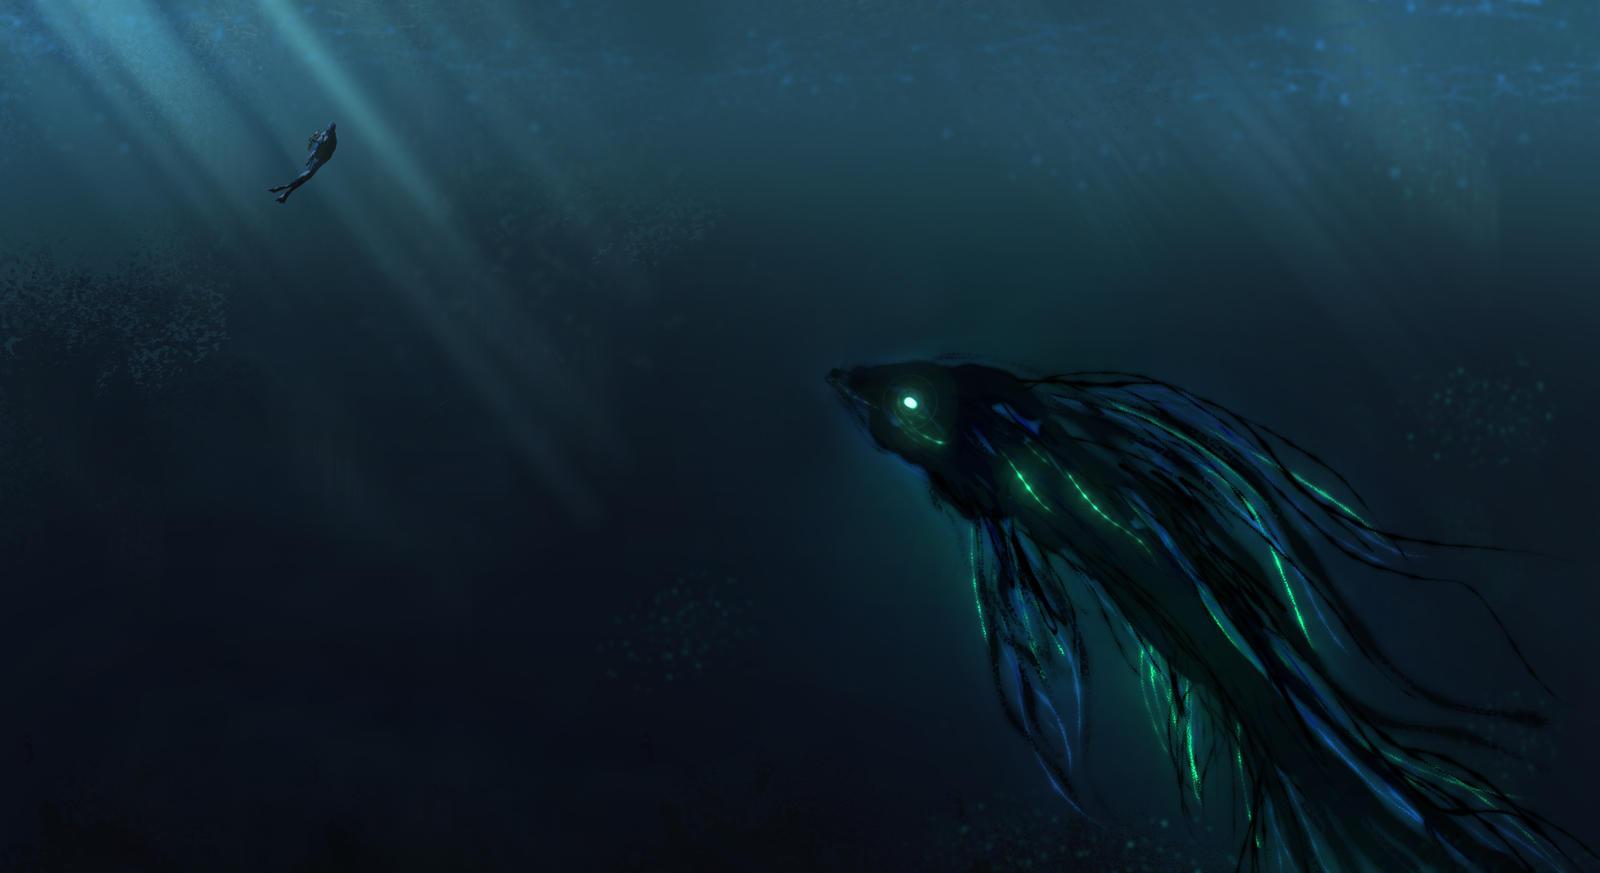 Deep Under The Sea by TacoSauceNinja on DeviantArt